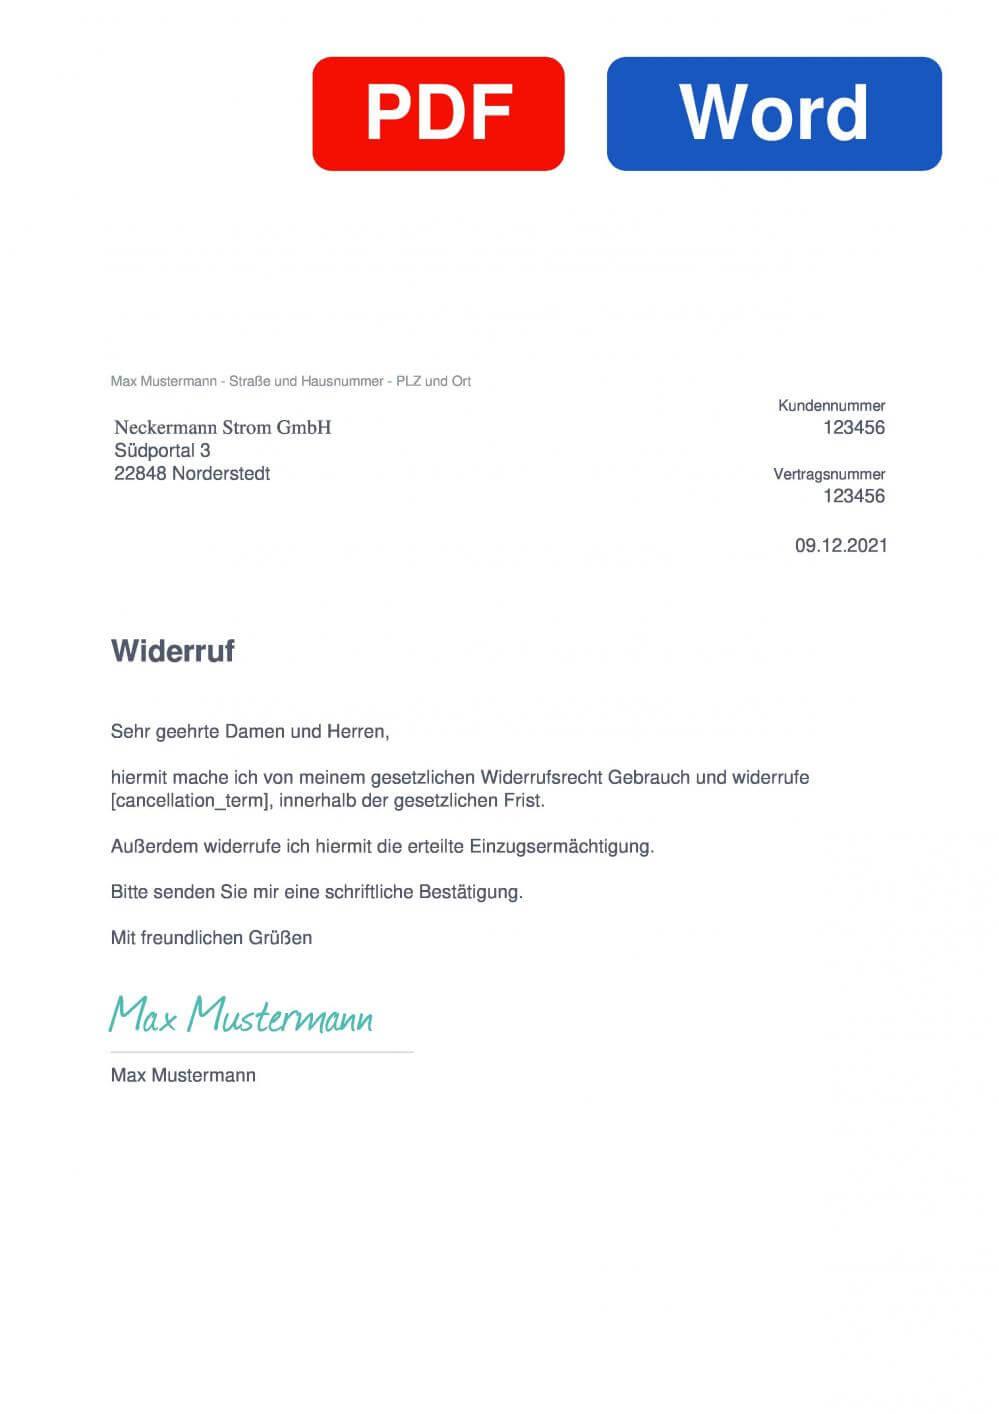 Neckermann Strom Muster Vorlage für Wiederrufsschreiben